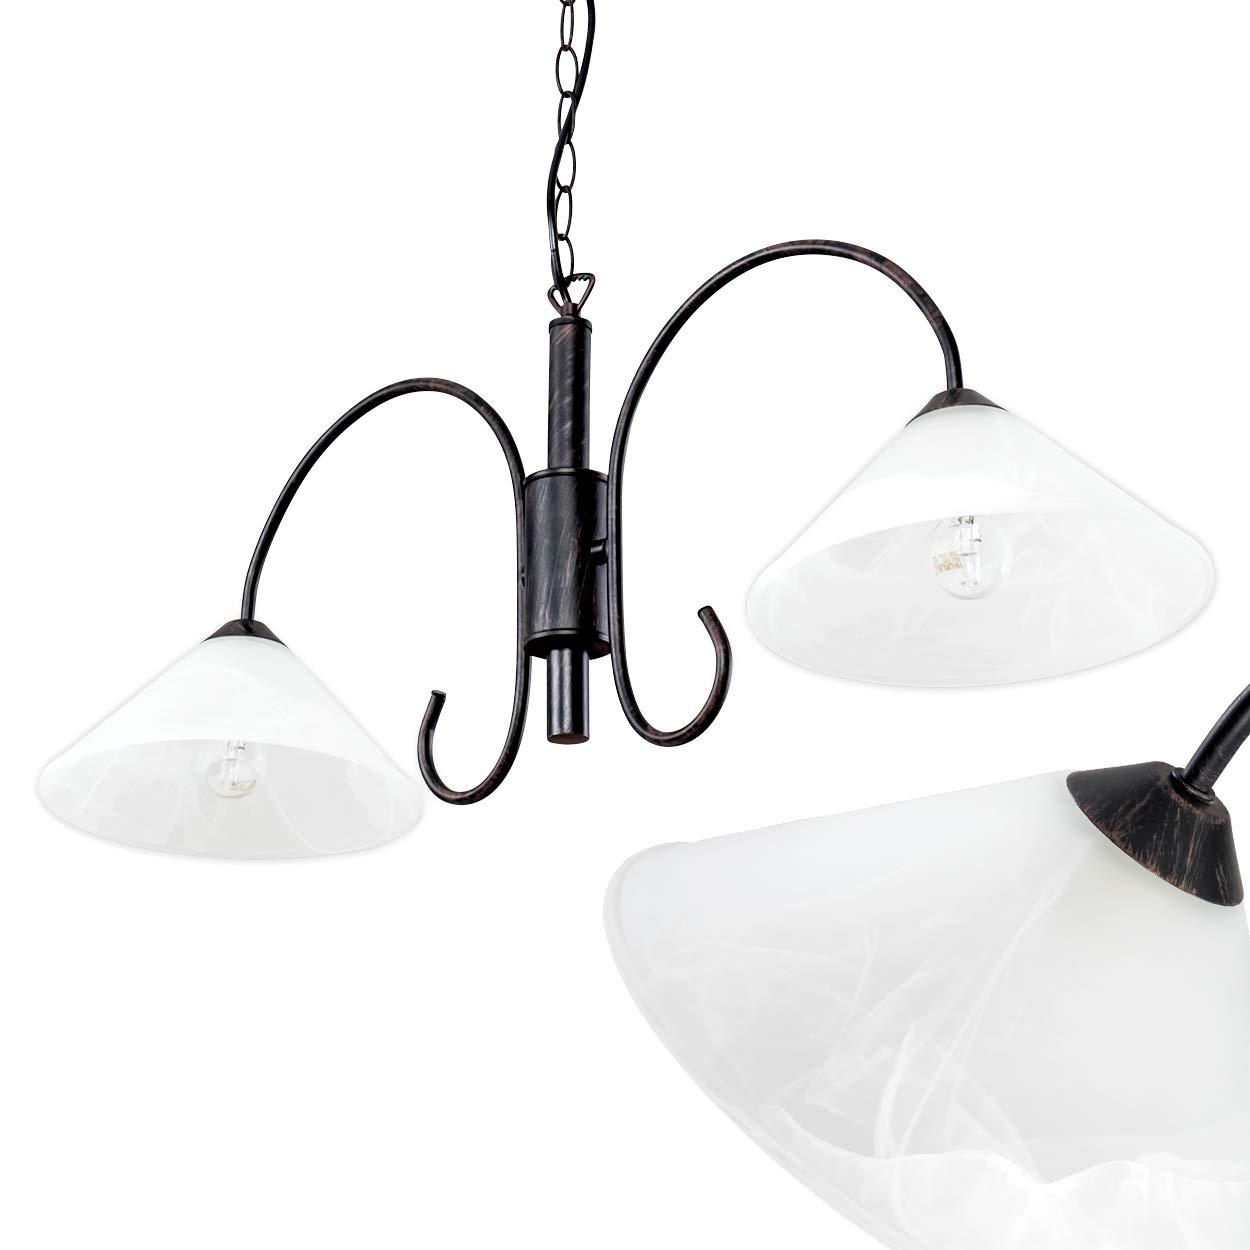 LED-Hängeleuchte Forset - Längliche Hängelampe rustikal - 2-flammig mit kegelförmigen Lampenschirmen aus Echtglas für Esszimmer, Wohnzimmer – 2 x E14-Fassung LED-geeignet – individuell kürzbar